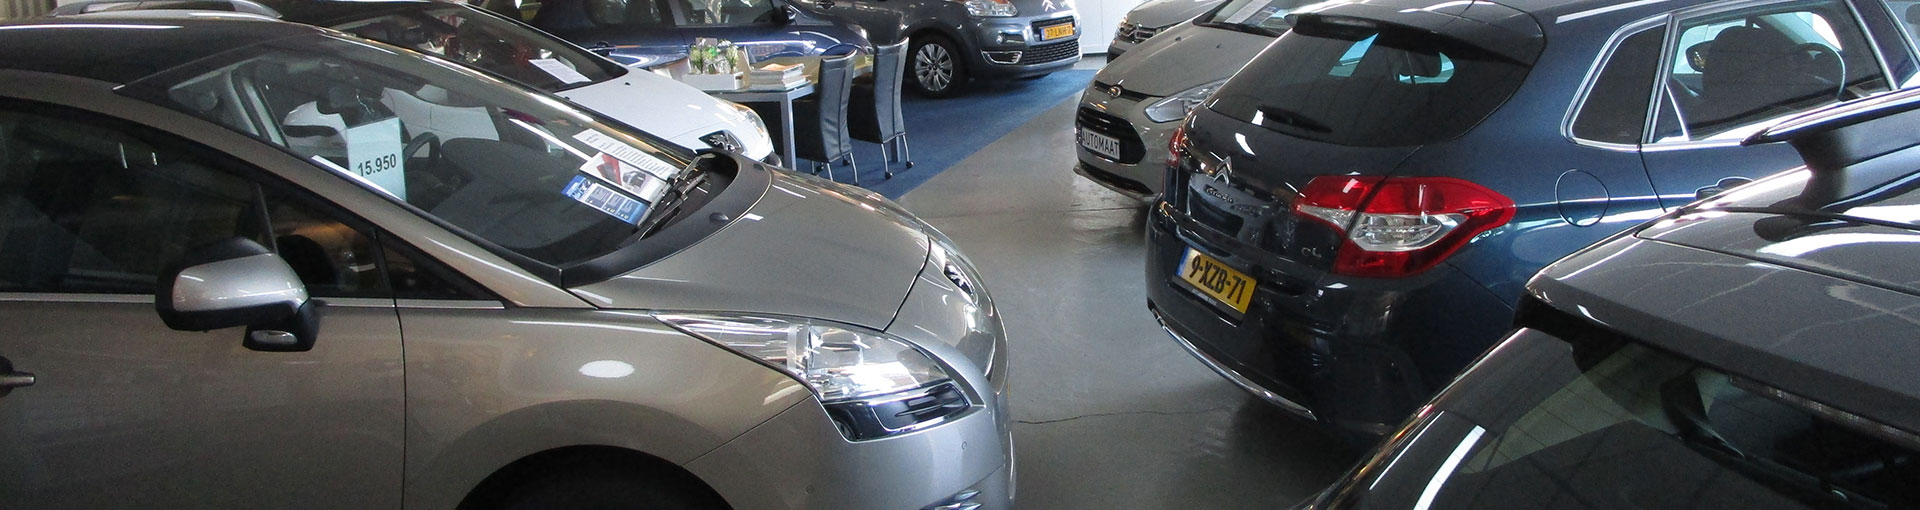 Auto Louwes nieuwe en gebruikte auto's - Showroom